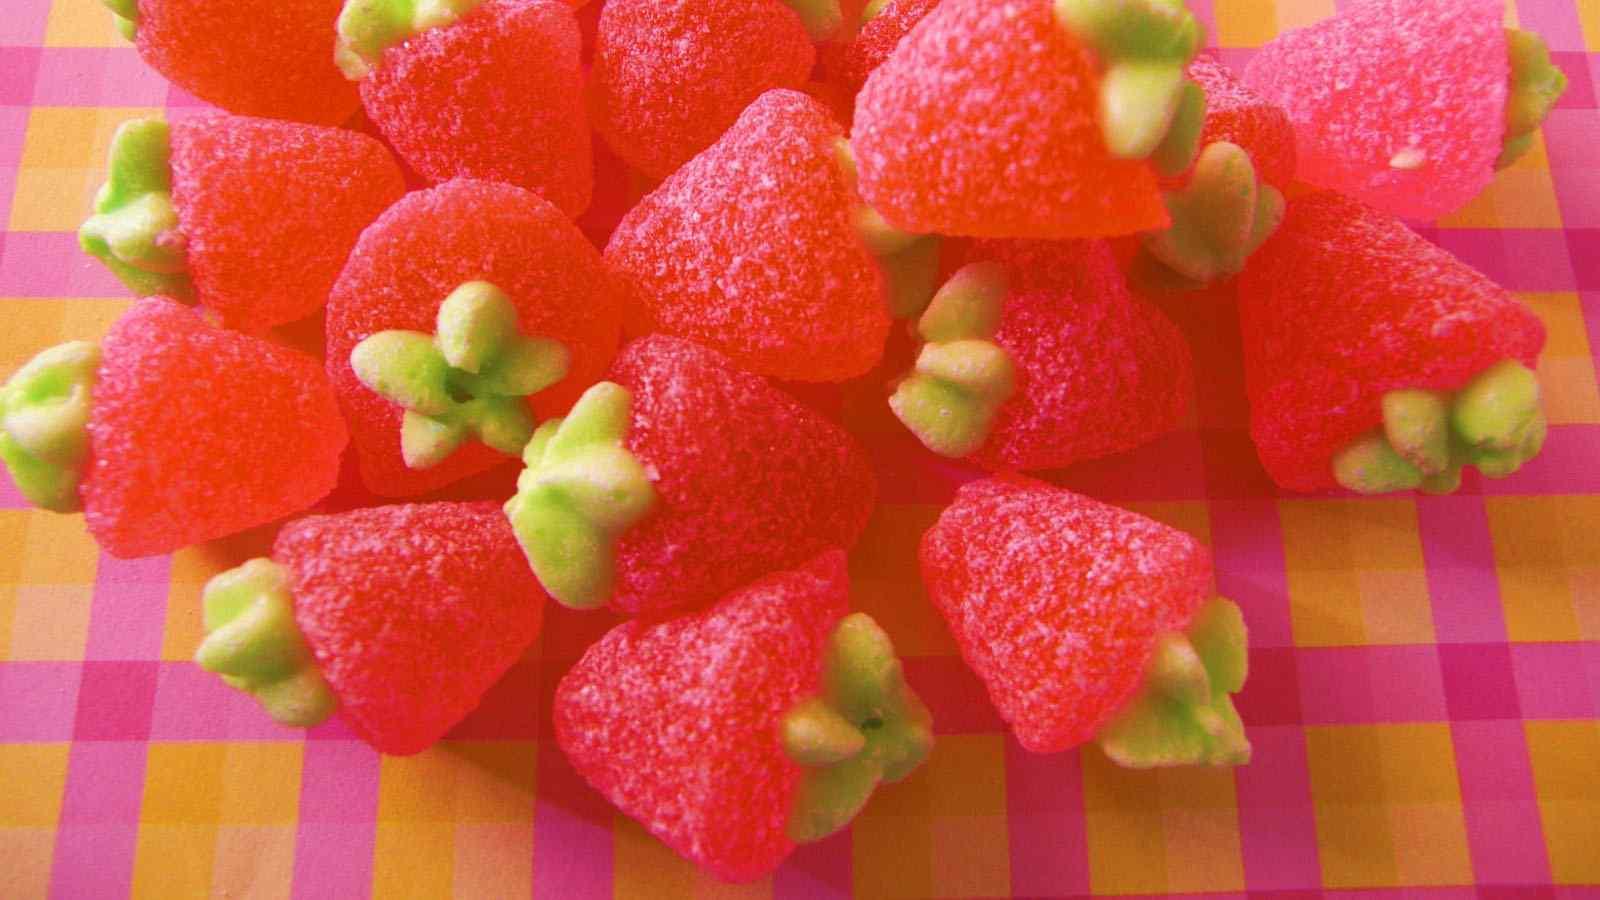 可爱草莓形状糖果高清桌面壁纸